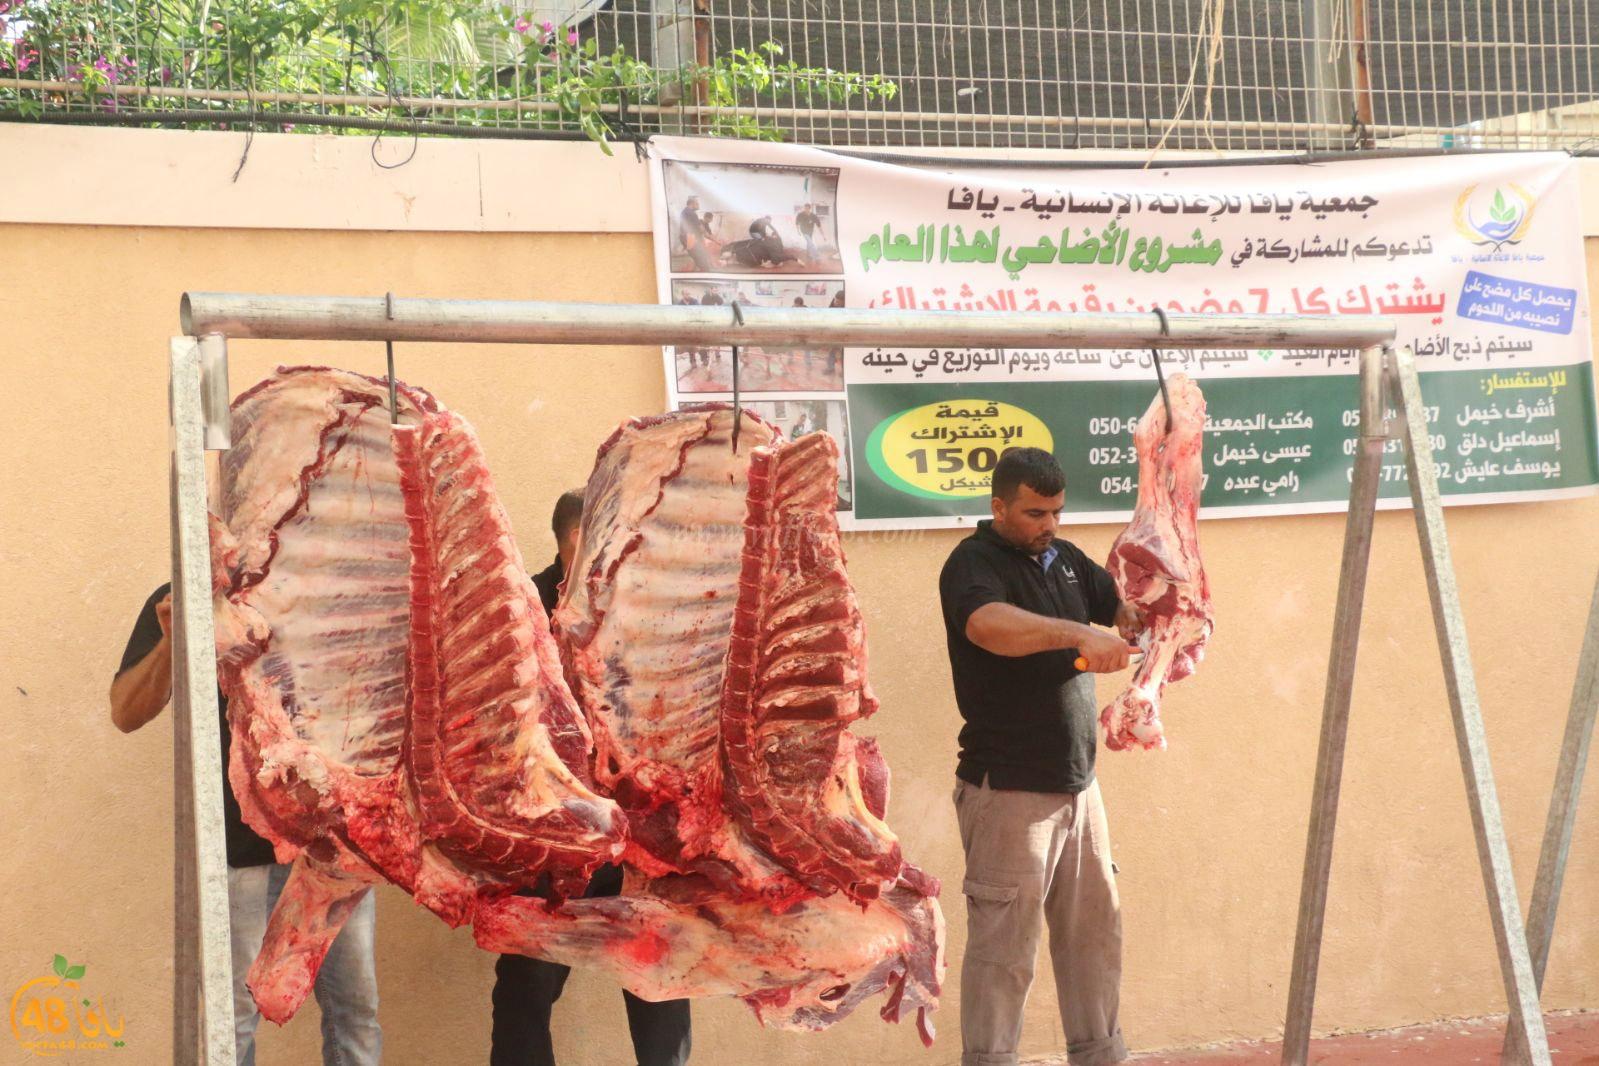 جمعية يافا للاغاثة الانسانية تُعلن عن انطلاق حملة جمع الاشتراكات لمشروع إحياء سنة الأضاحي